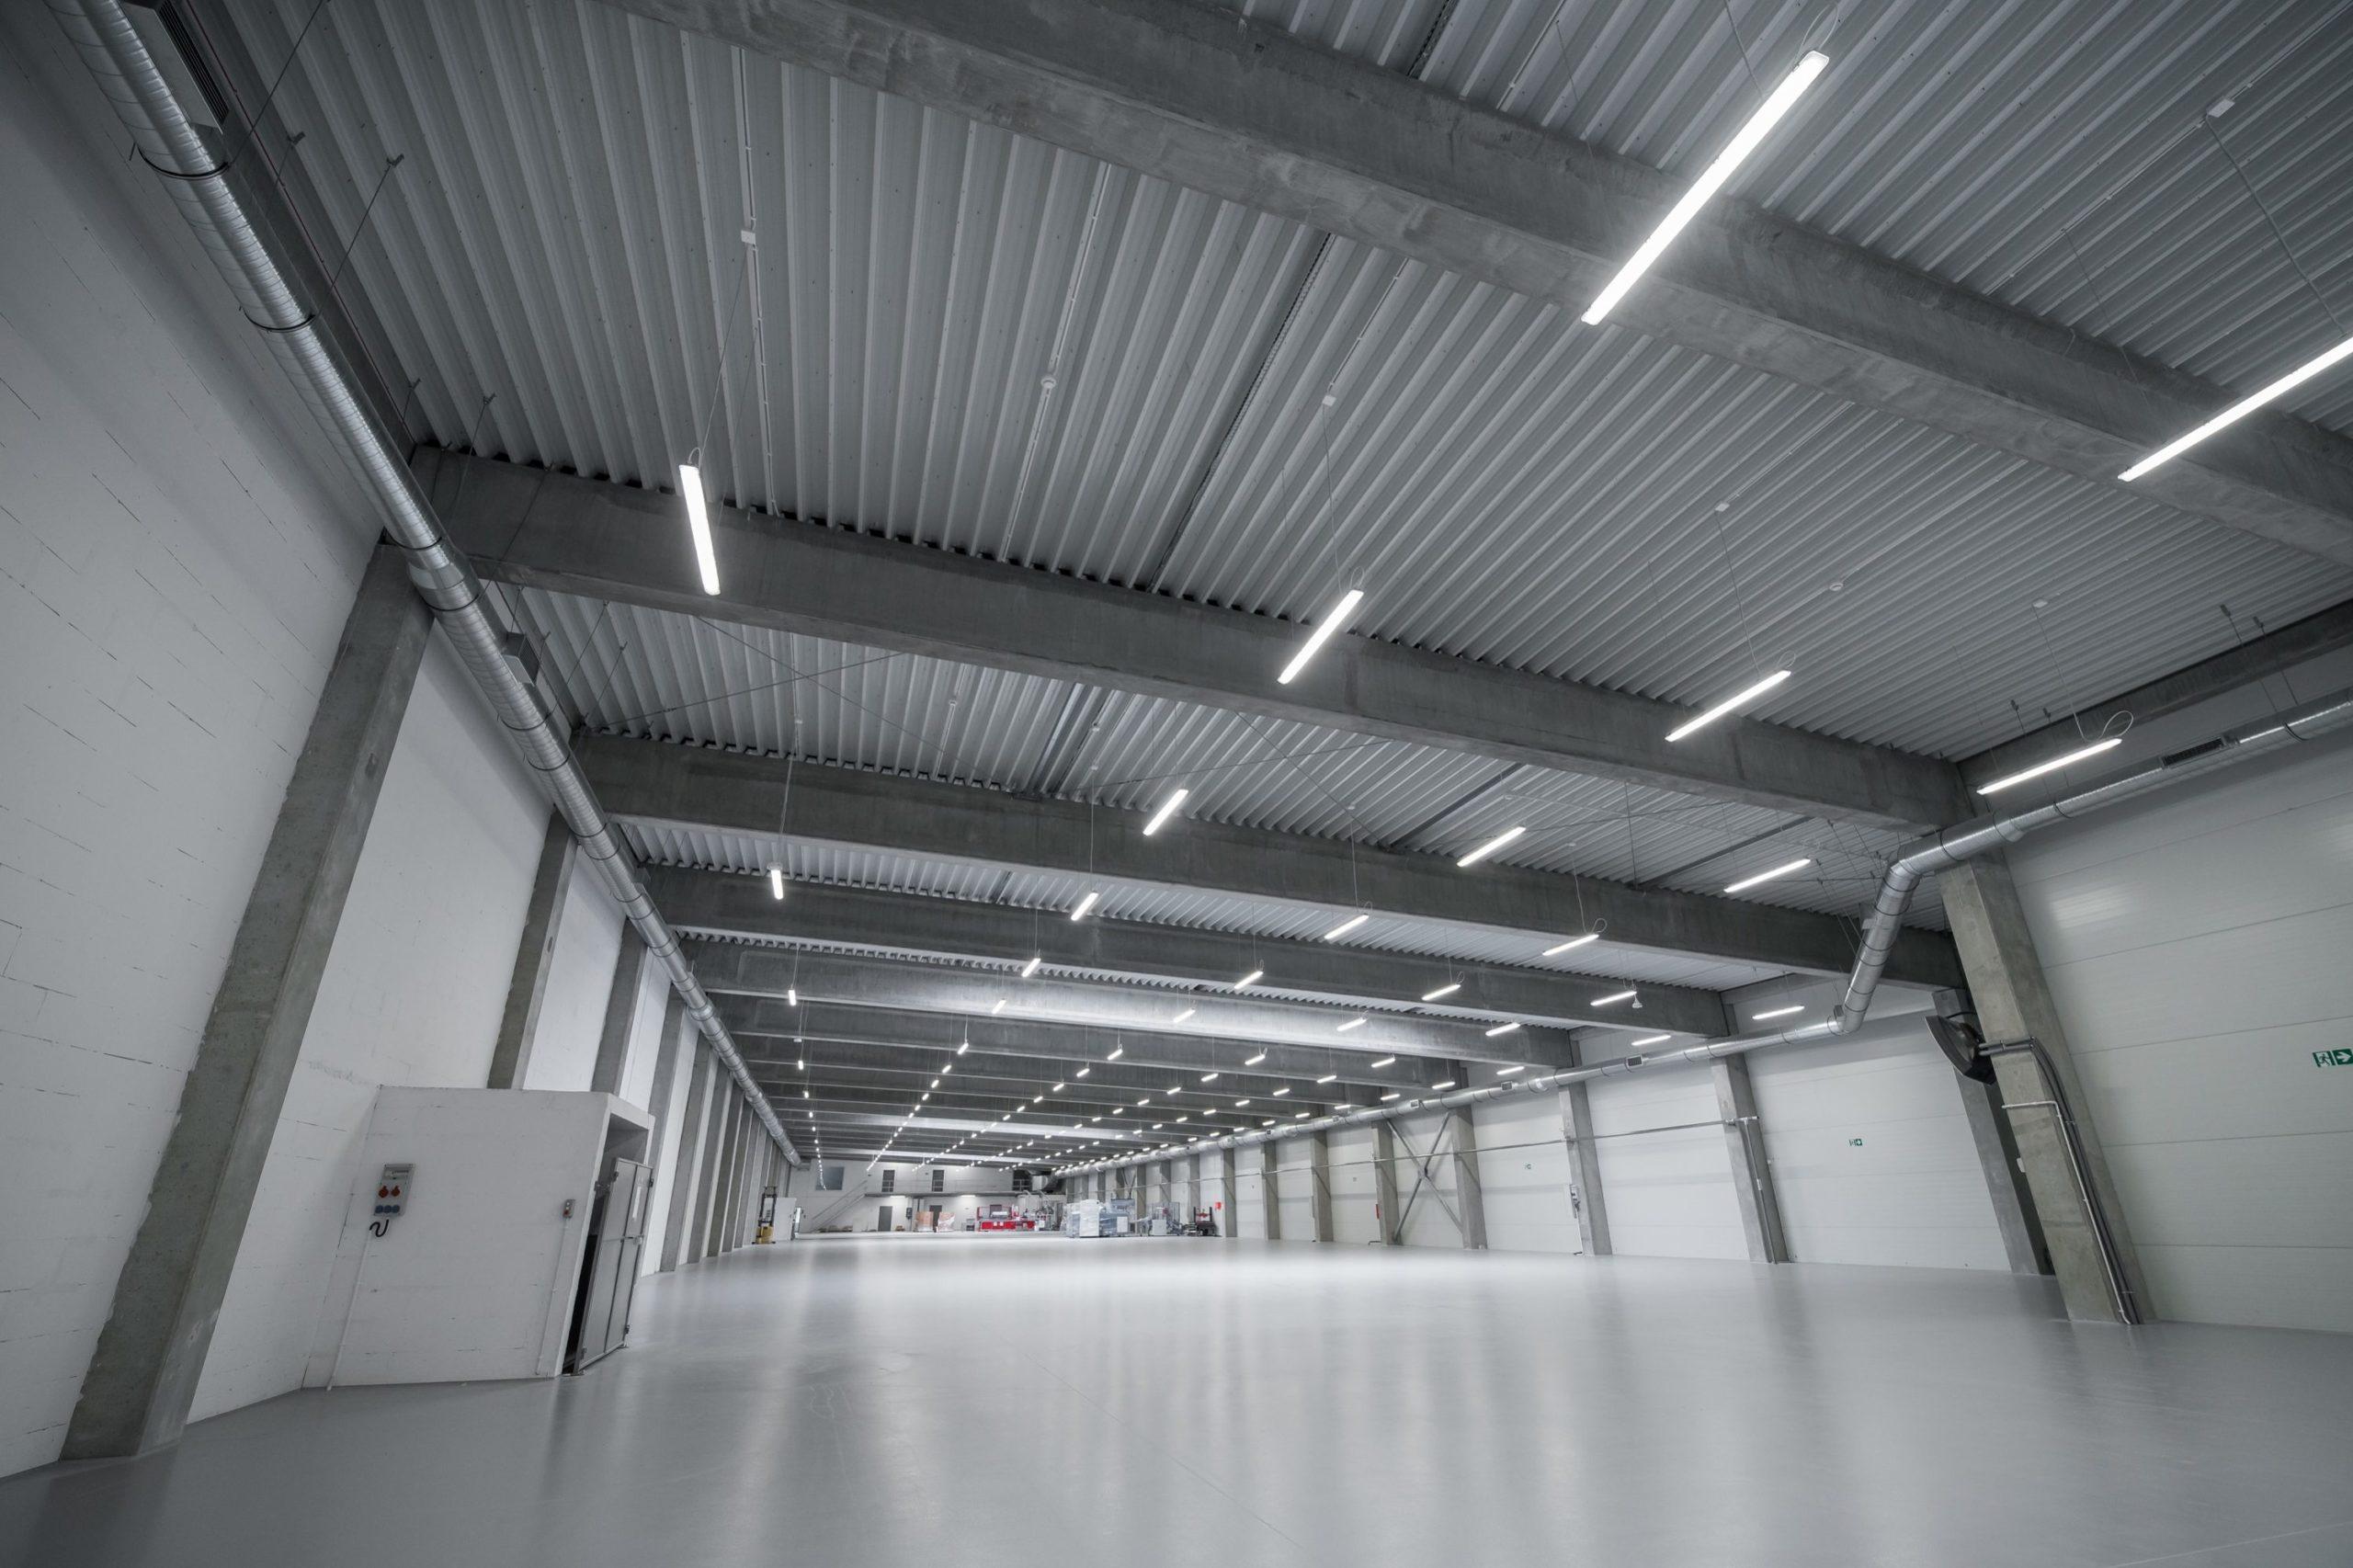 Oprawy przemysłowe Ultima w hali firmy Euroimpex - Luxon LED